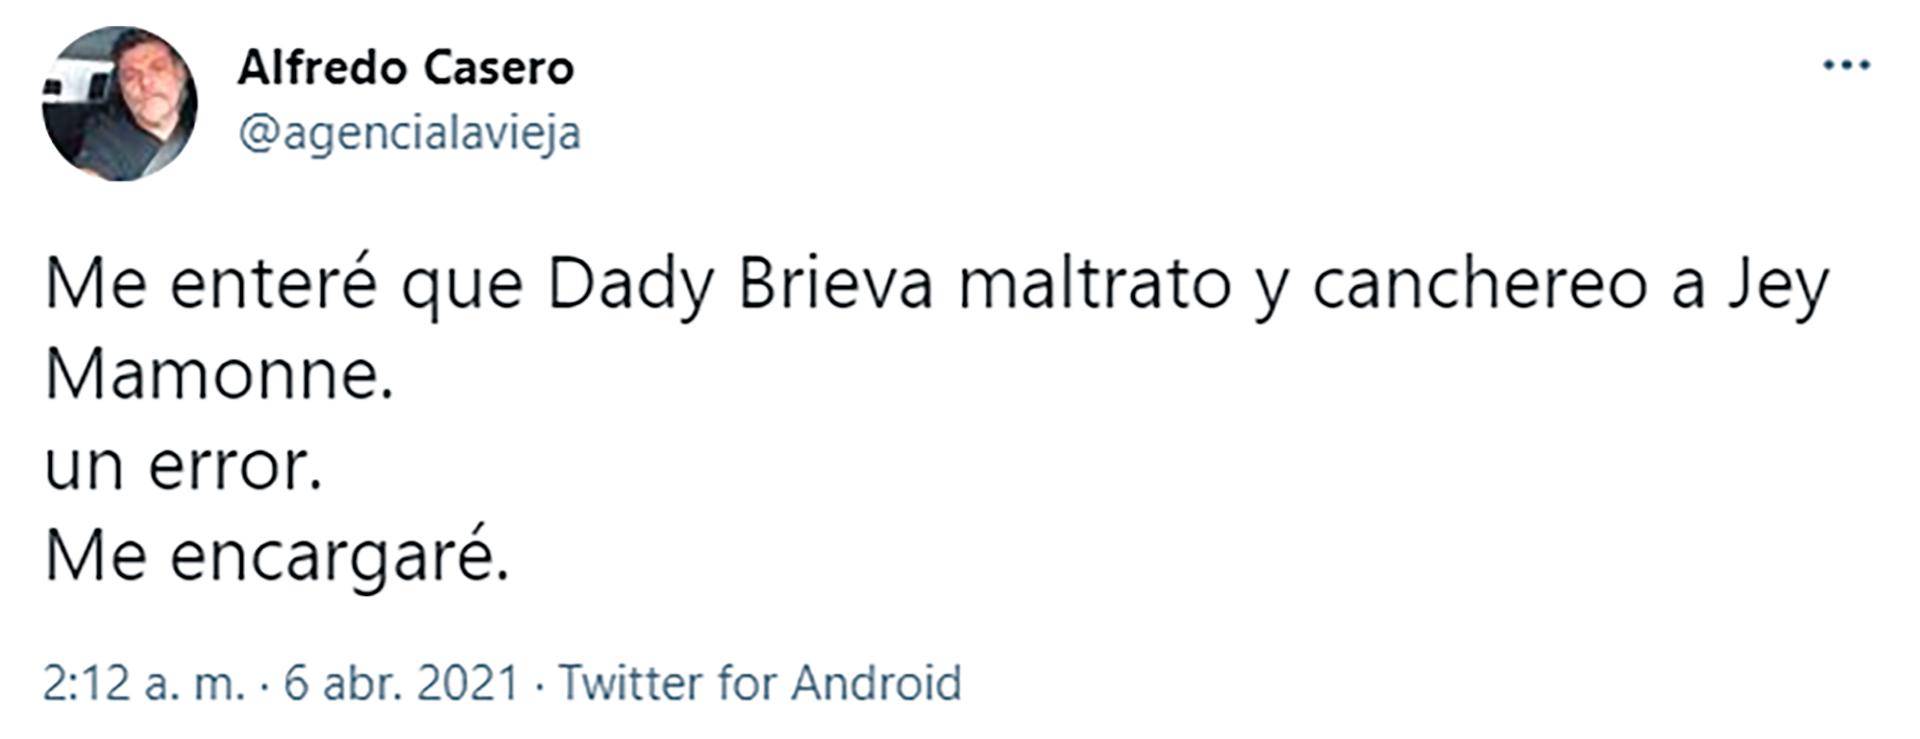 El tuit de Casero contra Dady Brieva